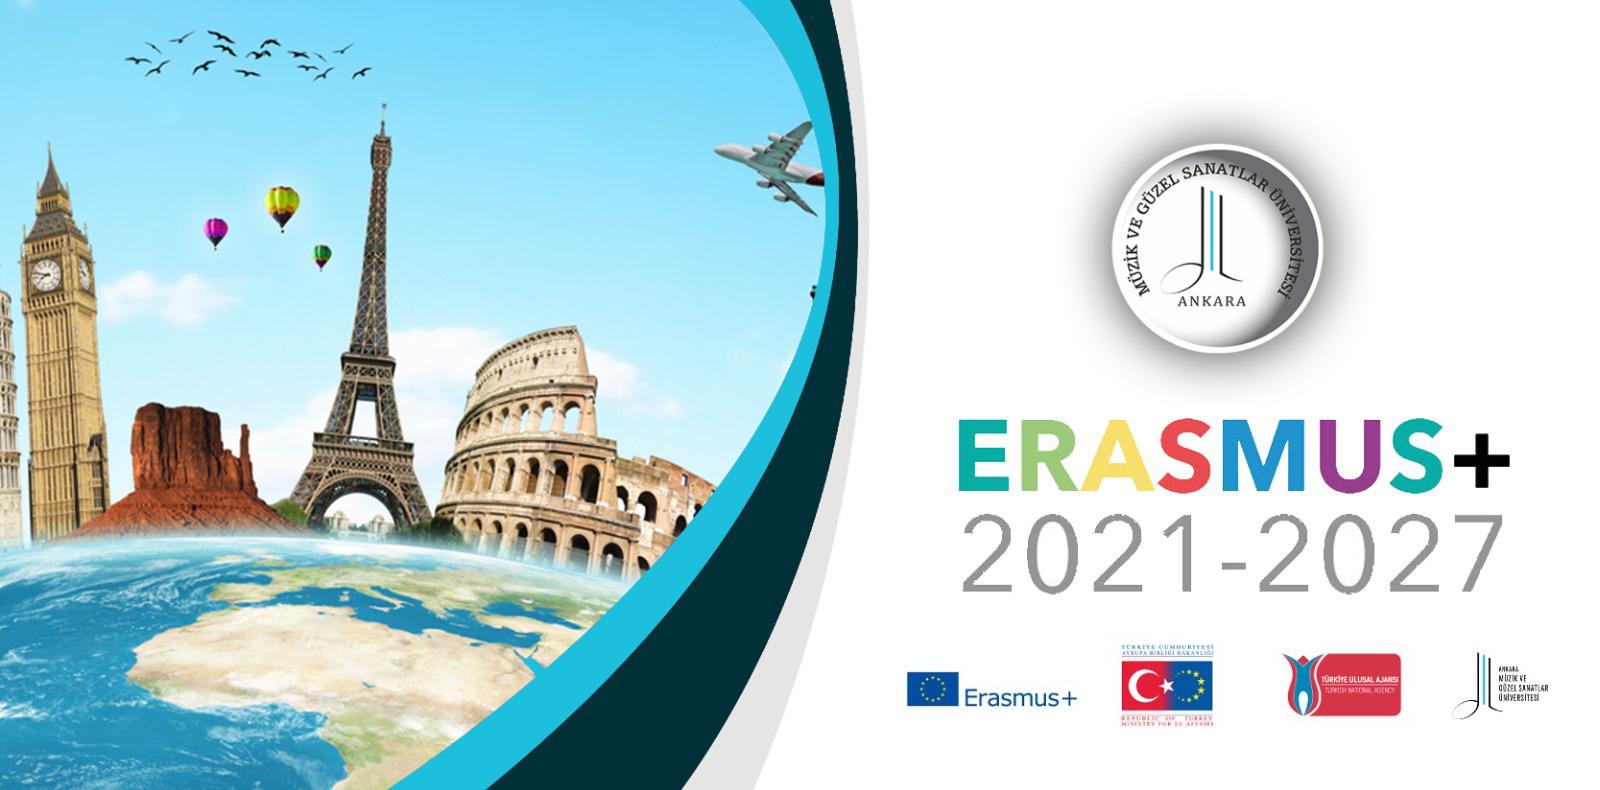 ERASMUS+ ÜNİVERSİTE BEYANNAMESİ ECHE 2021-2027 BAŞVURU SONUCU